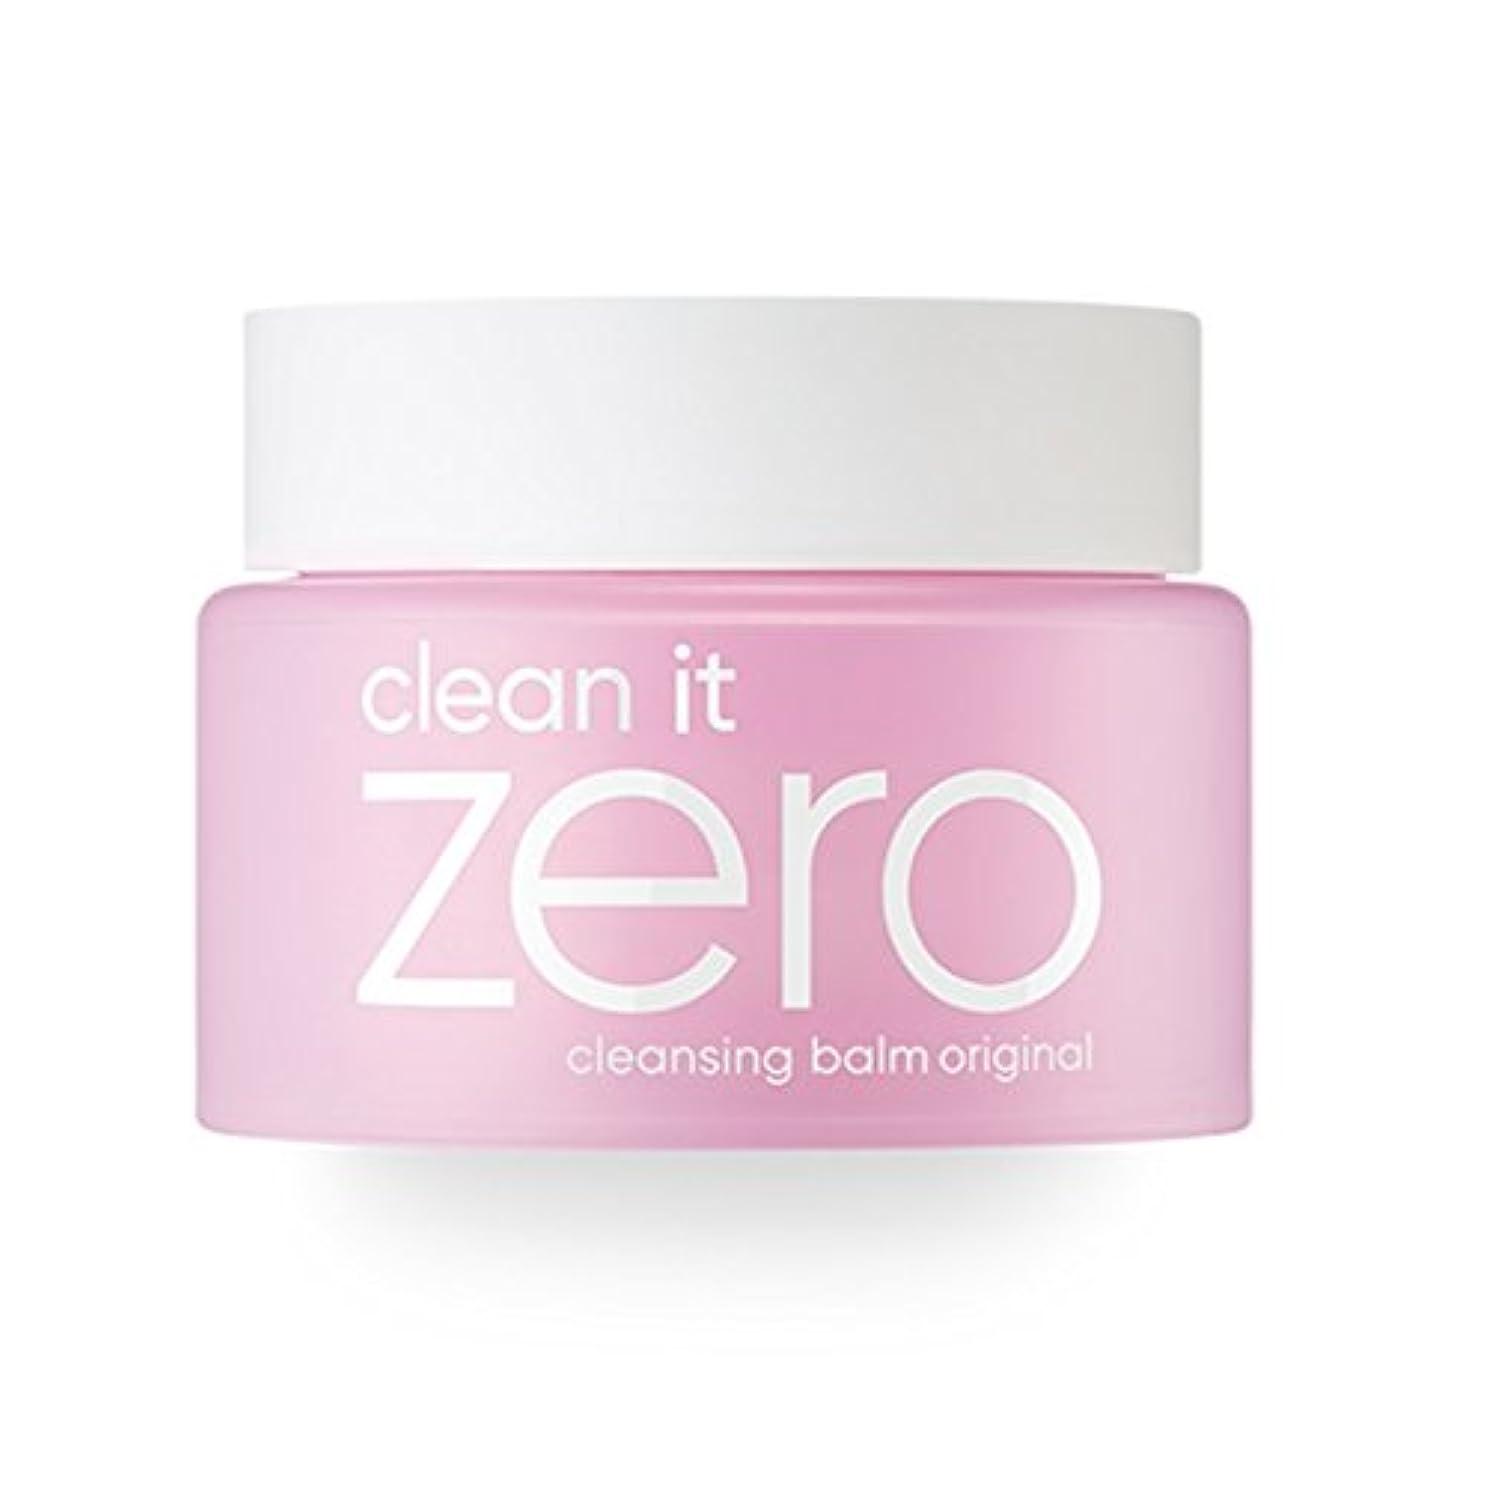 真珠のような麺重くするBanila.co クリーン イット ゼロ クレンジングバーム オリジナル / Clean it Zero Cleansing Balm Original (100ml)